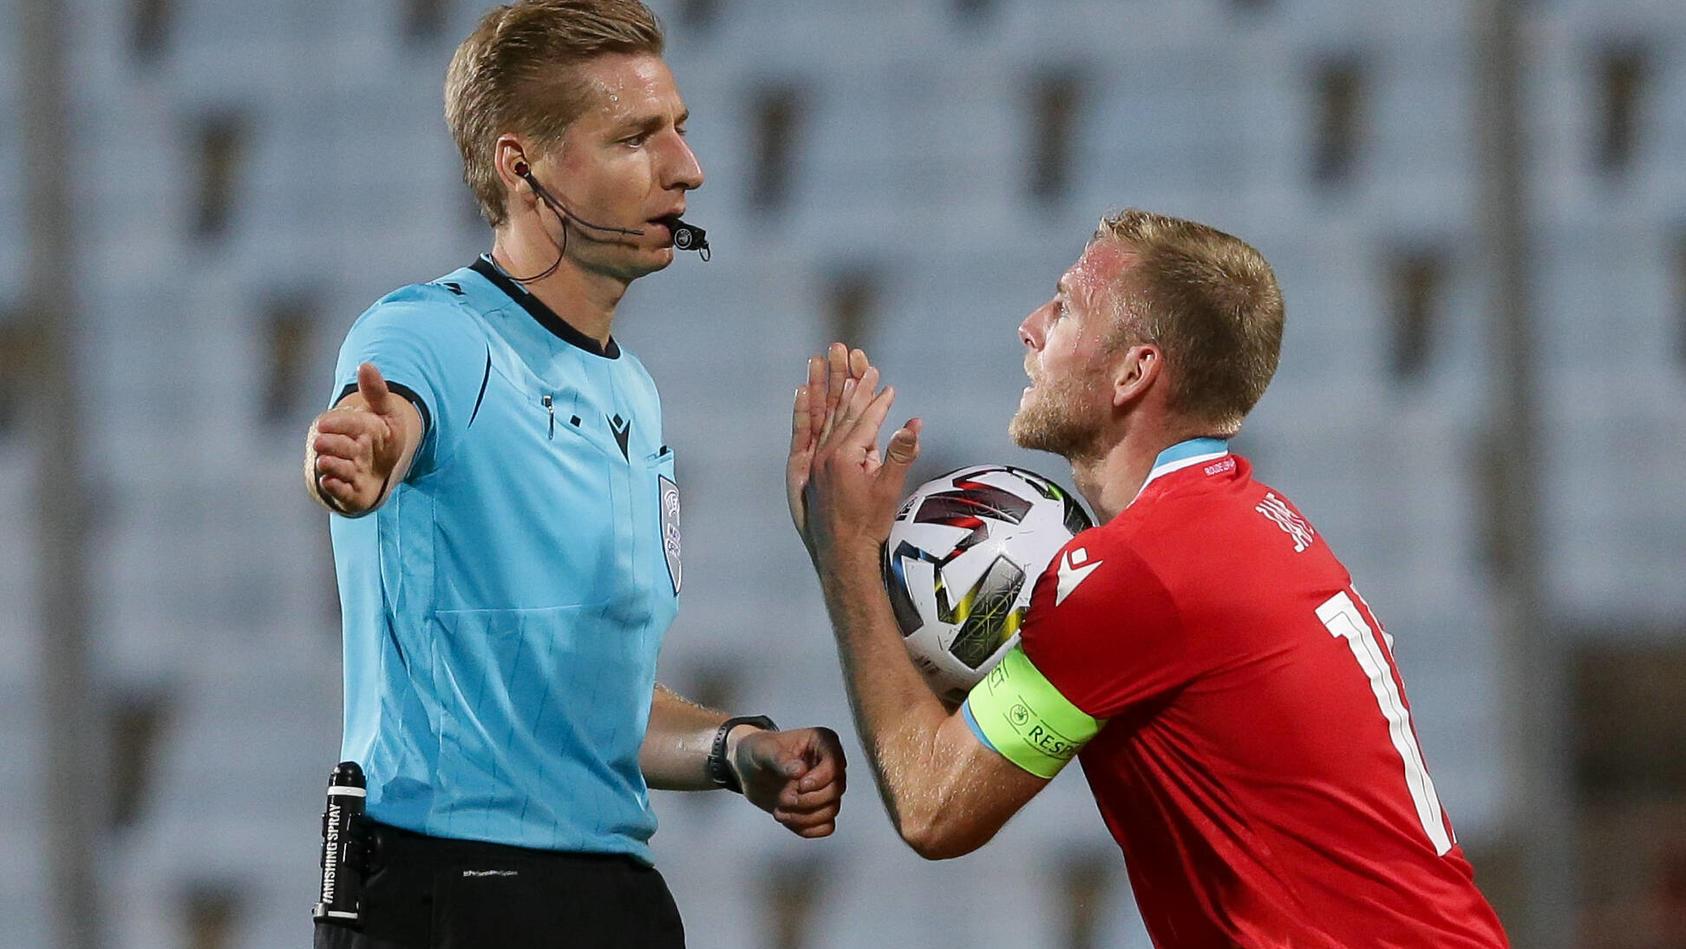 Laurent Jans (Kapitän Luxemburg 18) diskutiert mit Schiedsrichter Lawrence Visser (Belgien) nach Elfmeterpfiff, Emotion